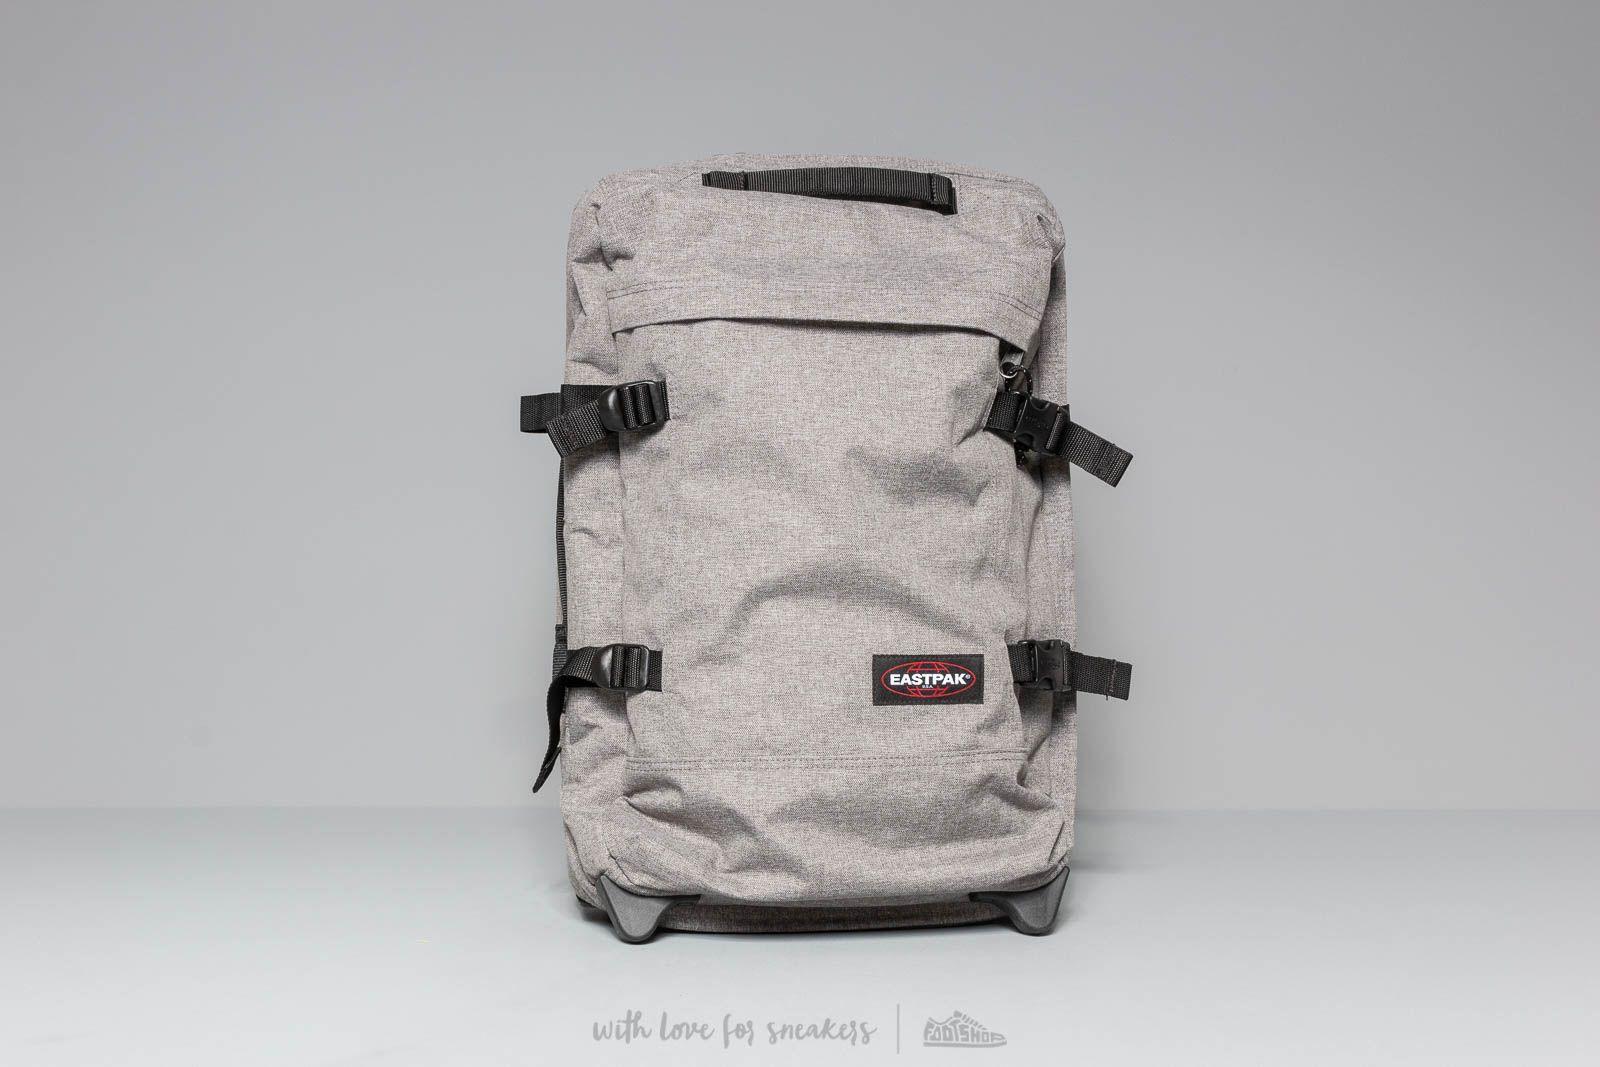 Eastpak Core Strapverz Travel Bag